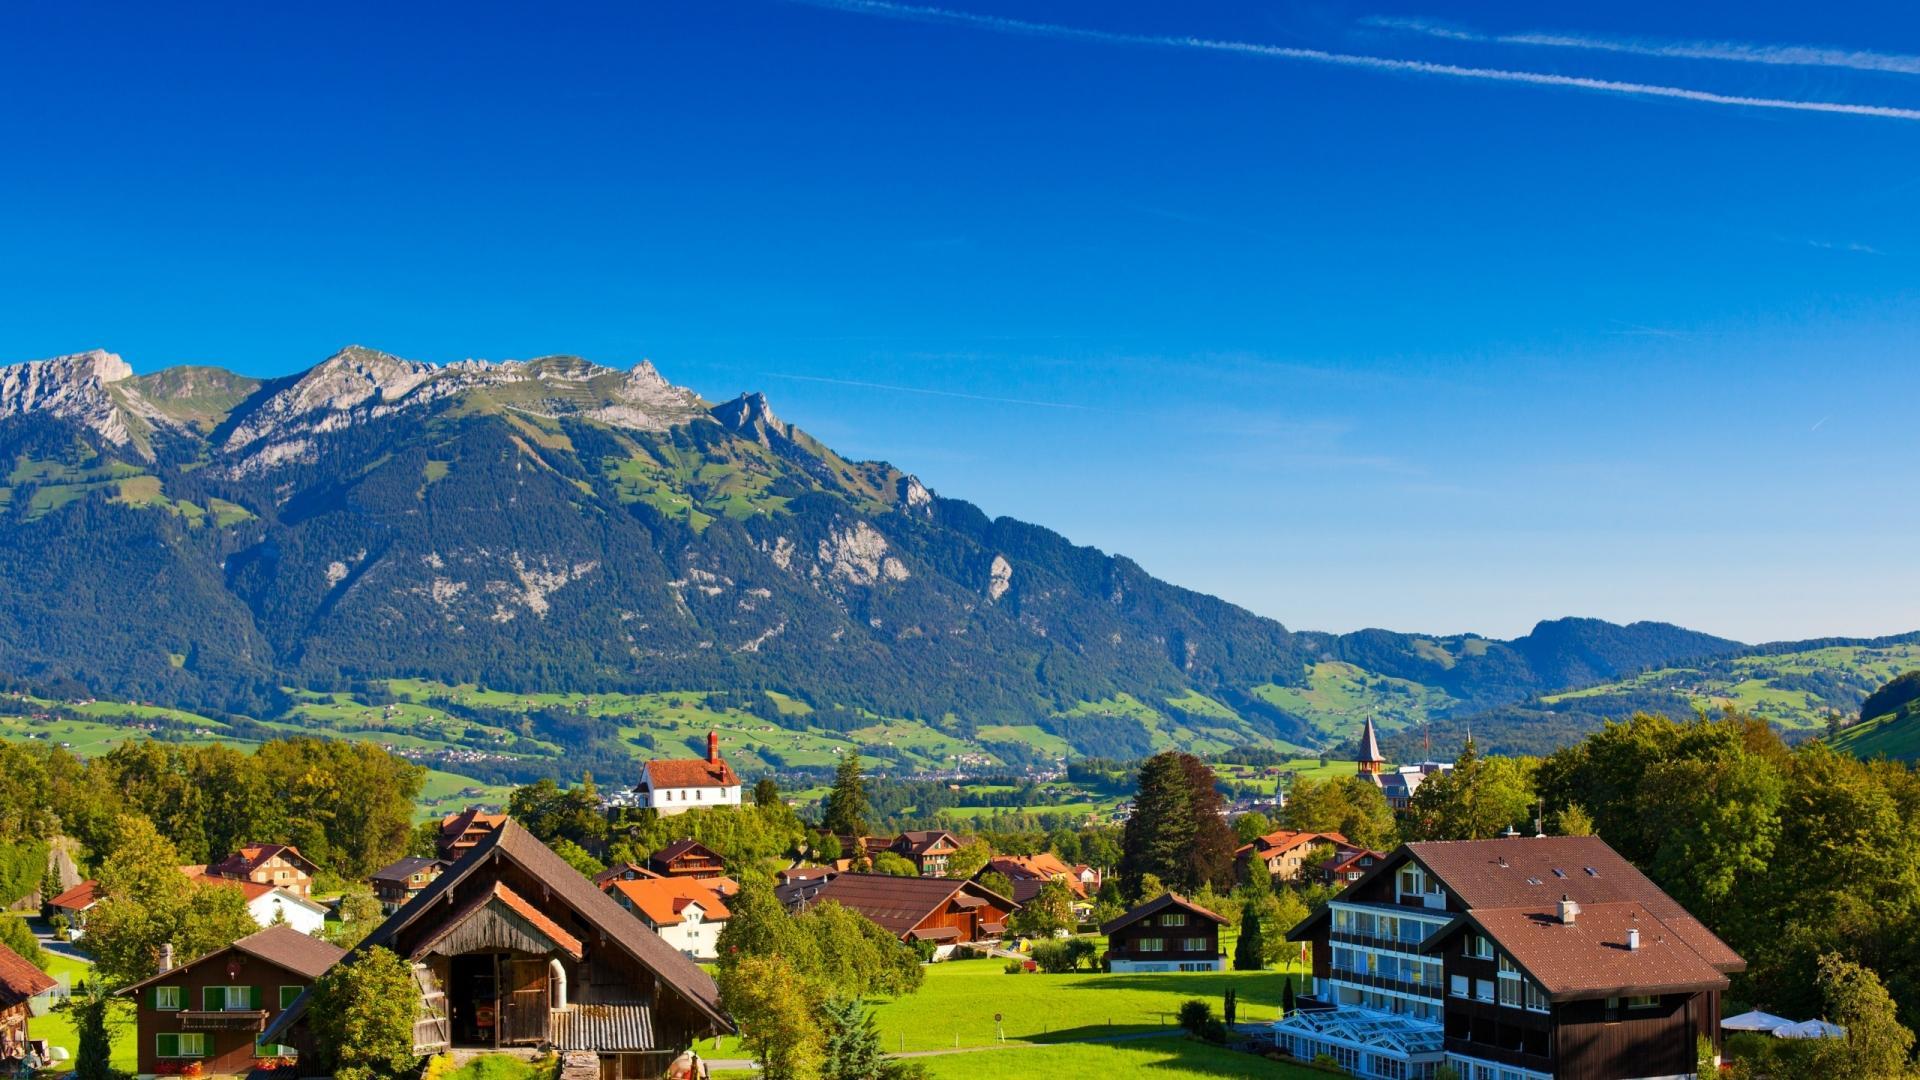 Scenic Swiss Alps Village Hd Wallpaper Wallpaper List 1920x1080